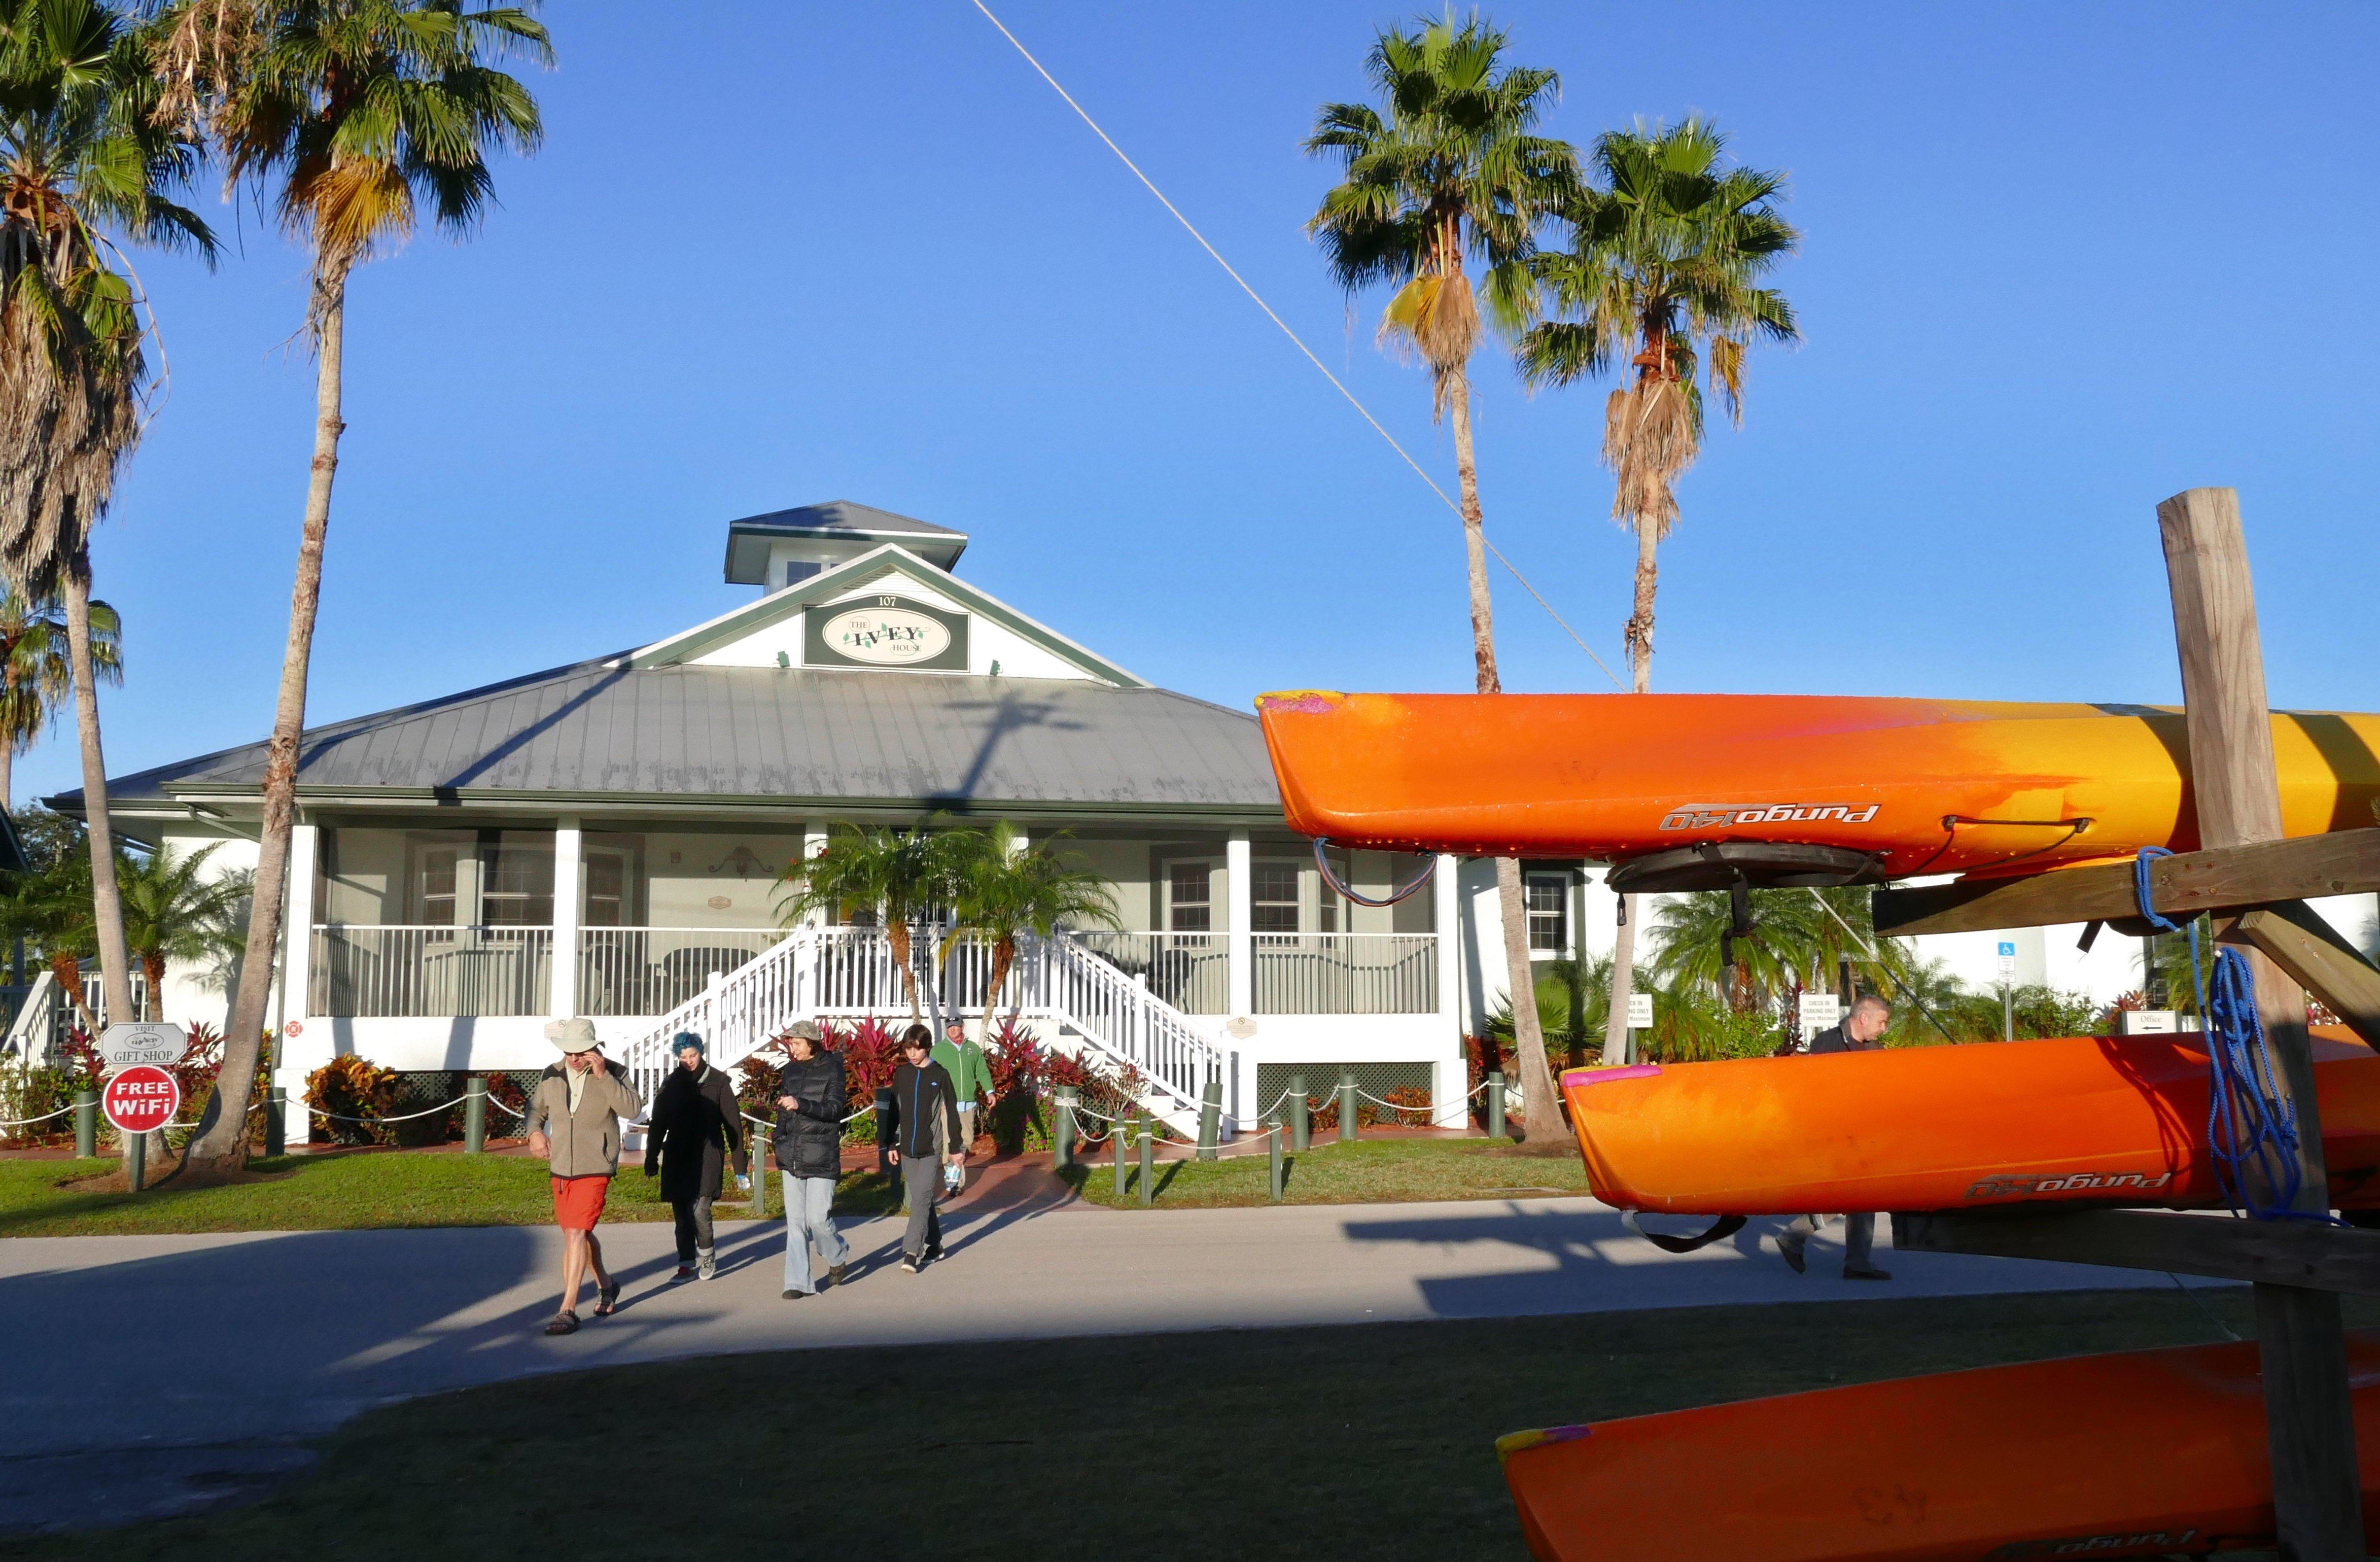 Everglades City, Florida